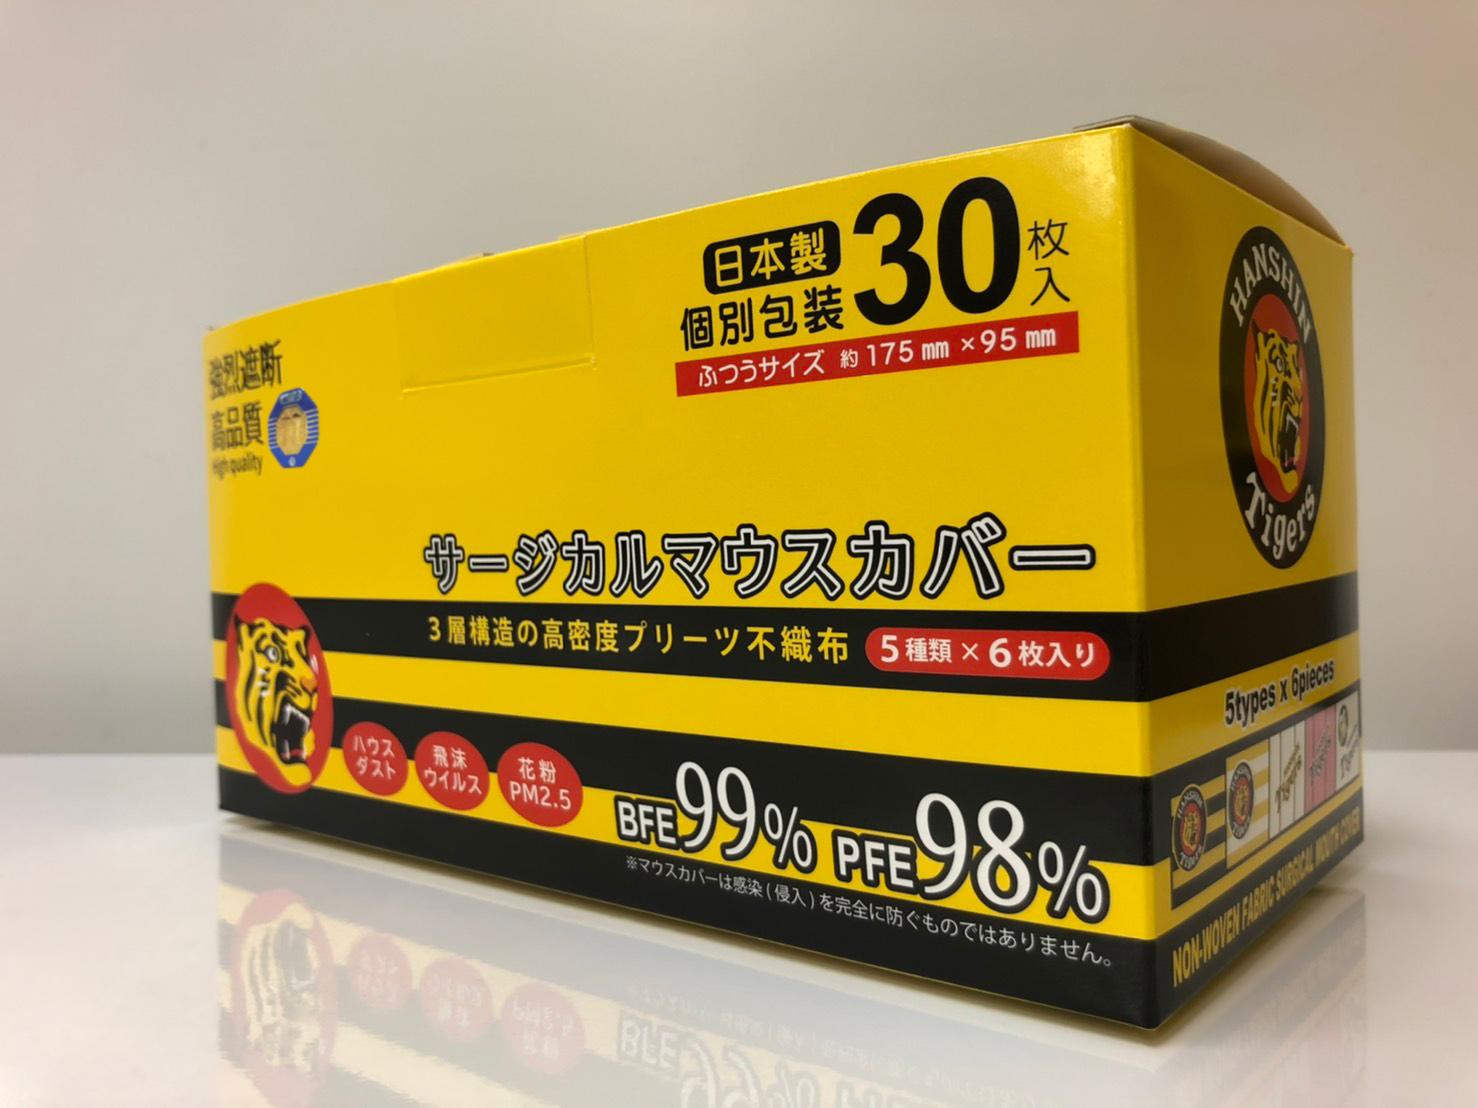 マスク 阪神 タイガース TIGERS不織布マスク50枚BOX